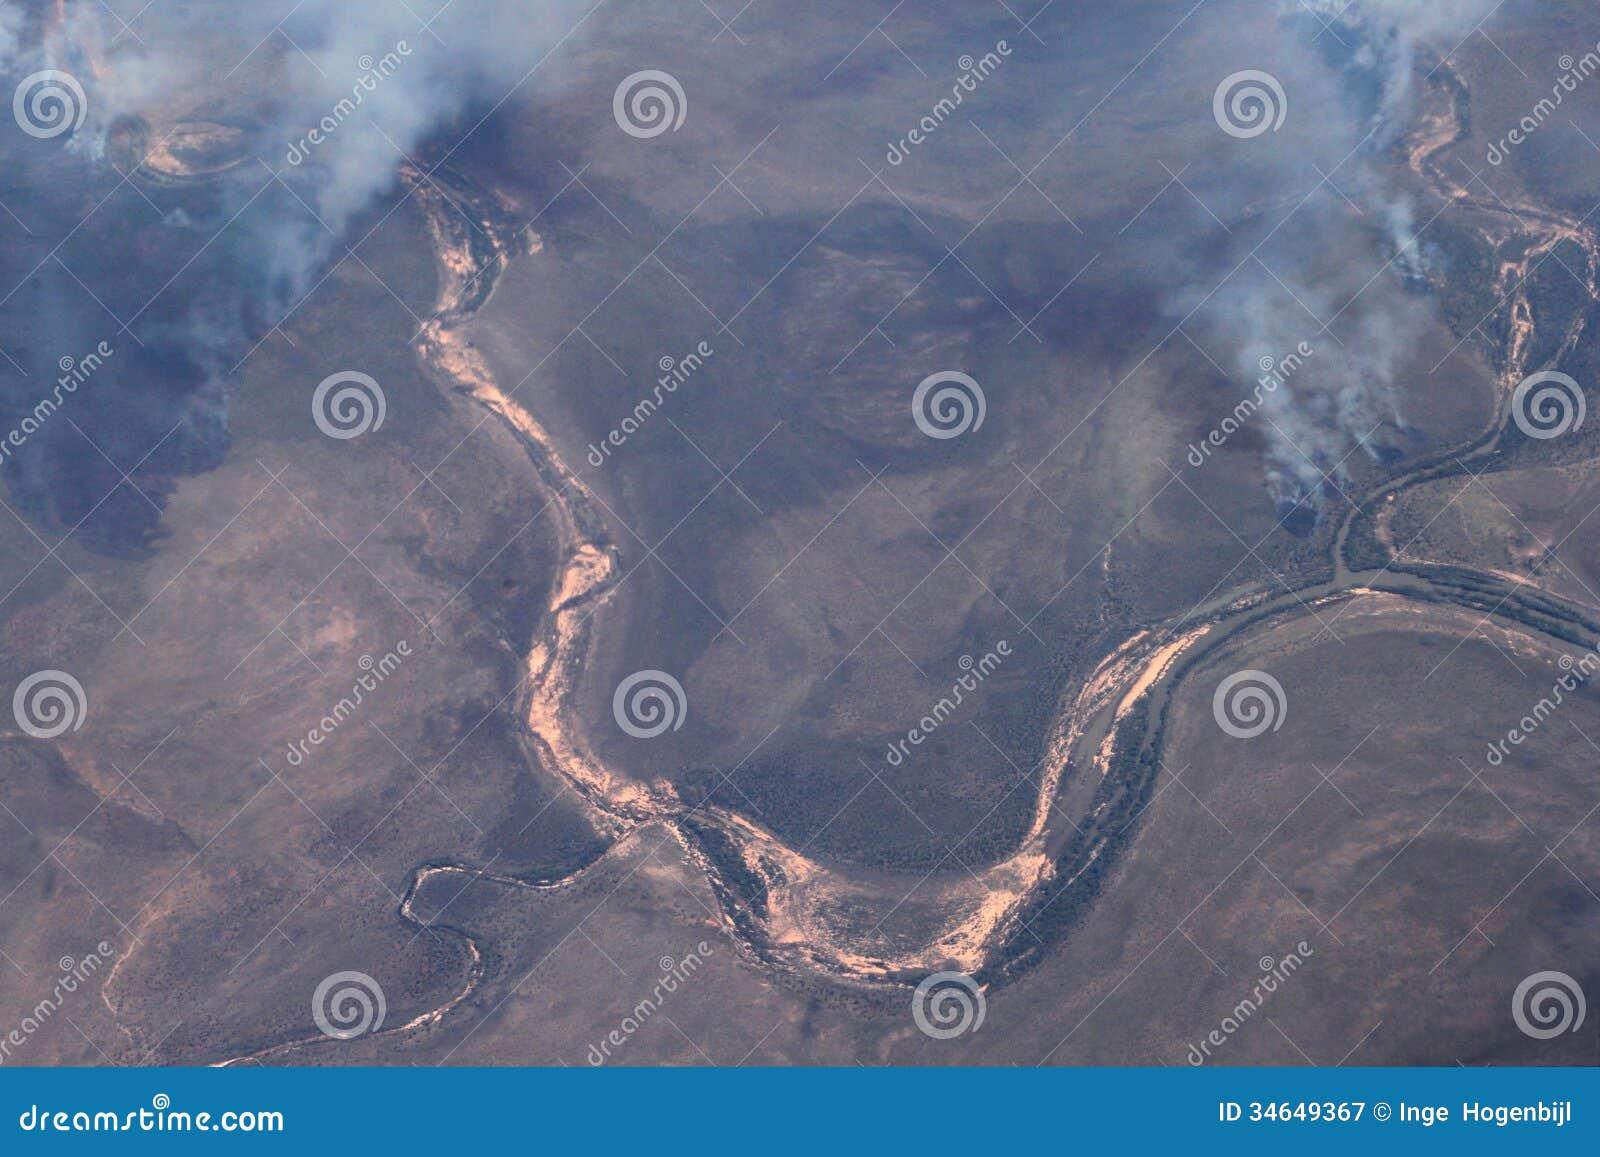 Fotografia aérea dos bushfires em Austrália